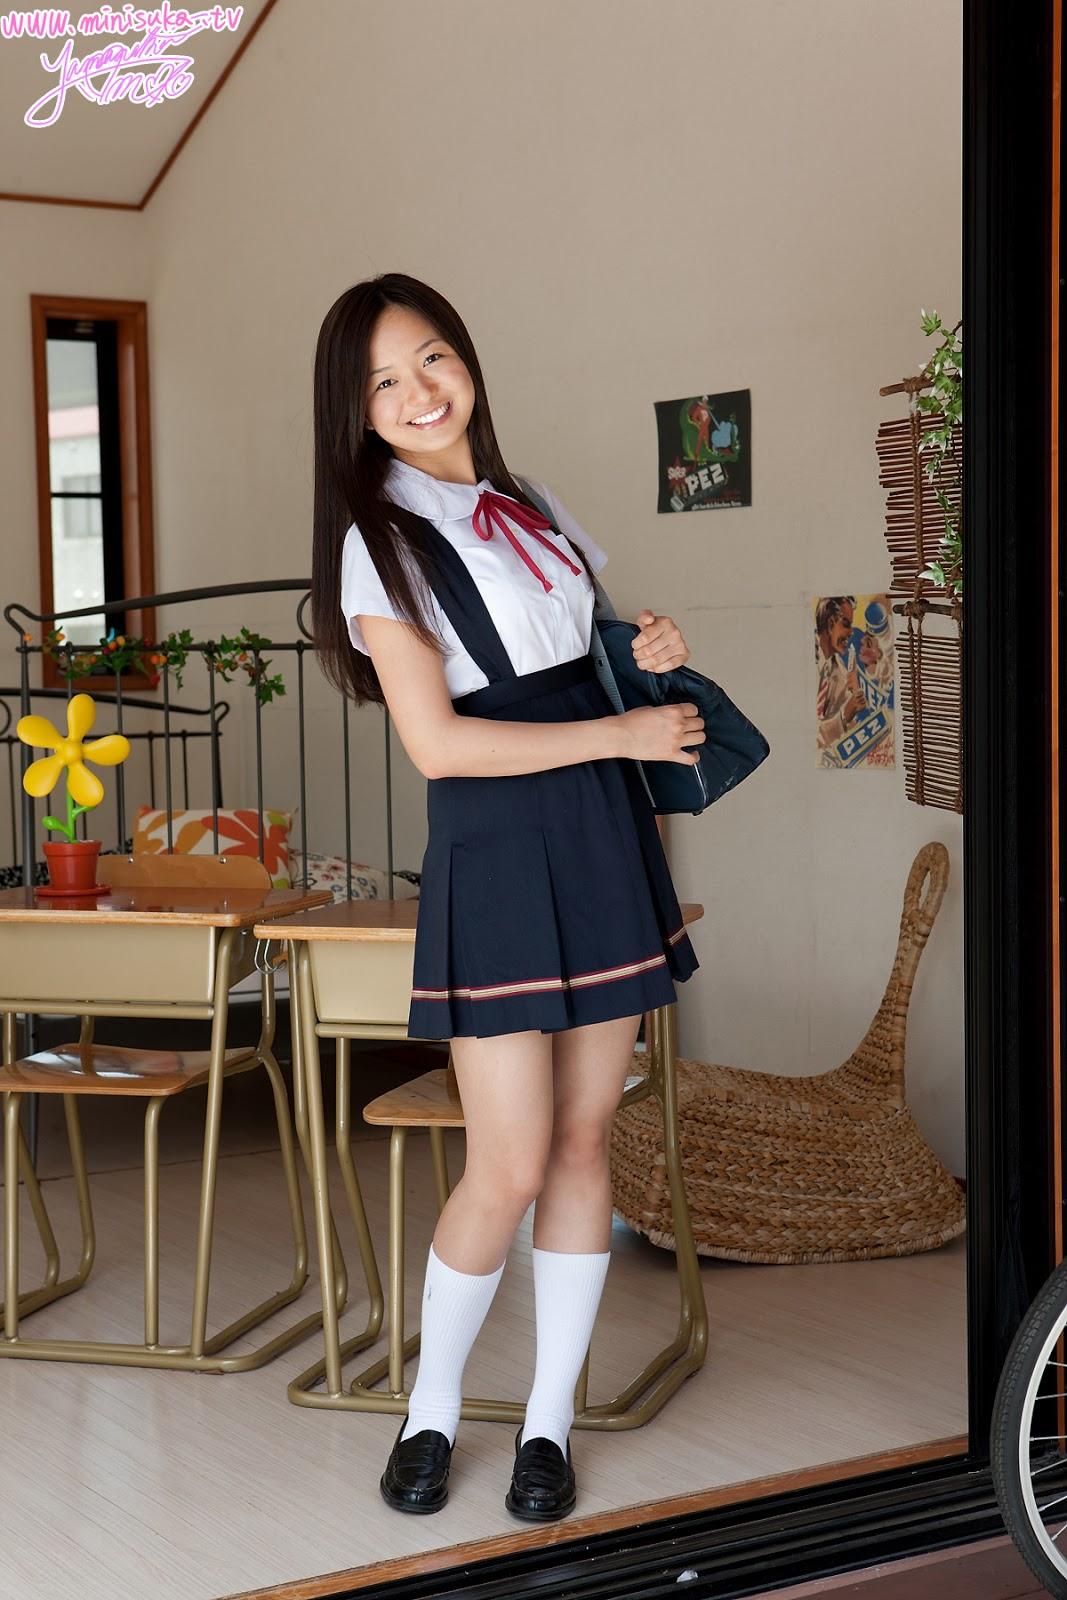 Jav Schoolgirl